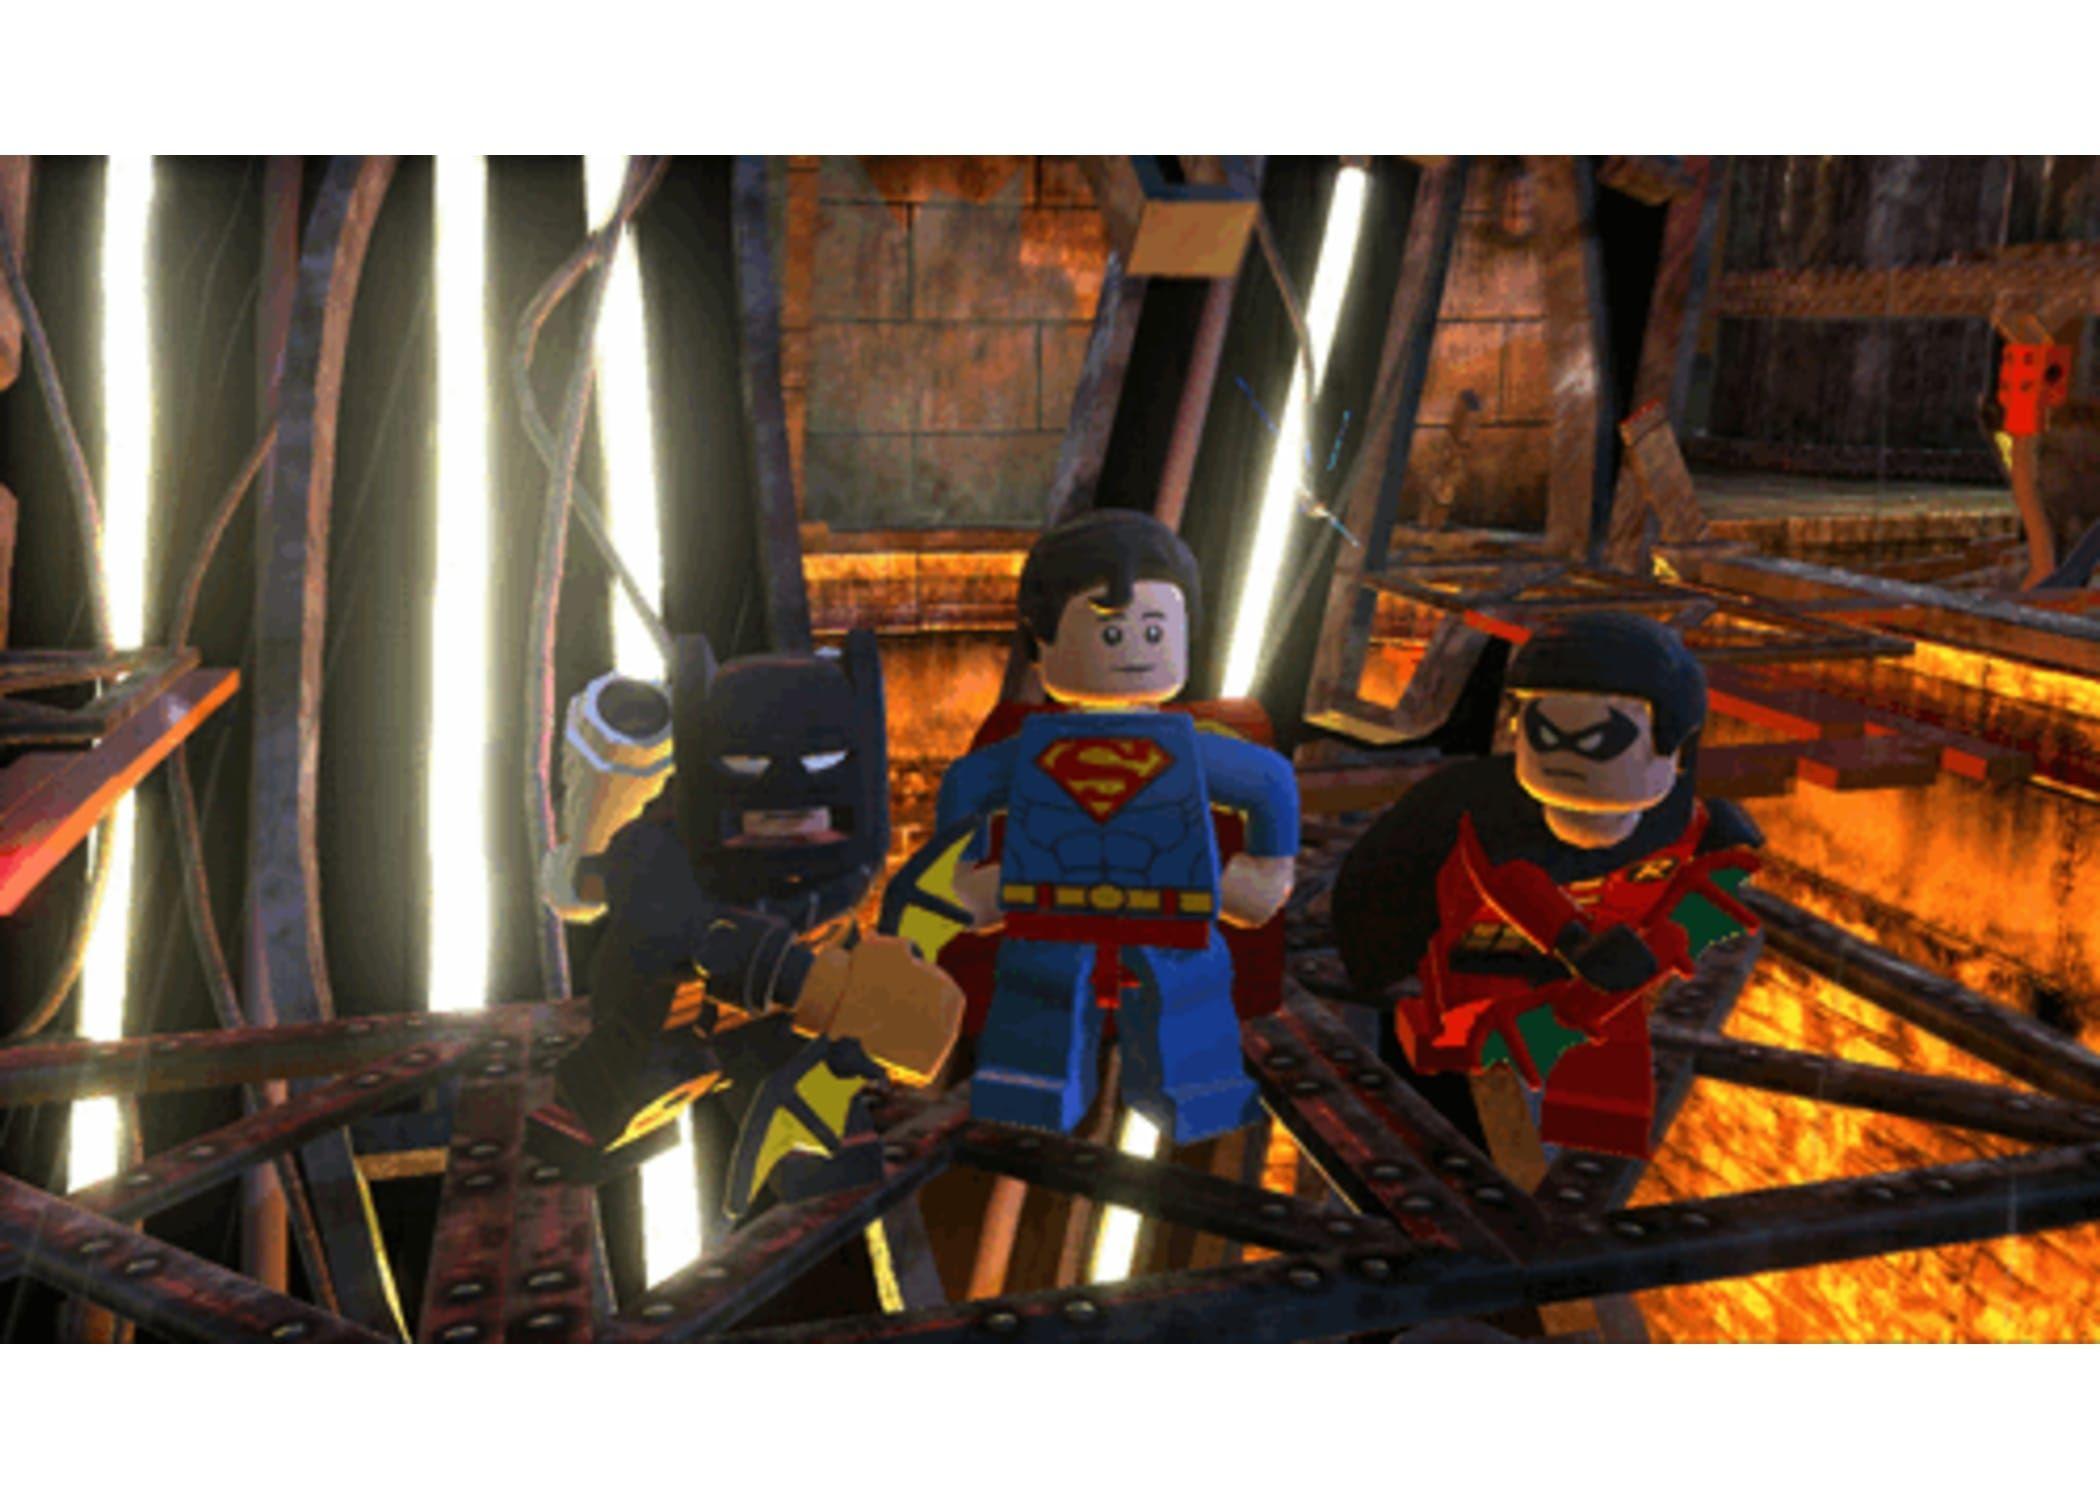 30462074acf2a7a8a97c13feffe6812b - How To Get Gorilla Grodd In Lego Batman 2